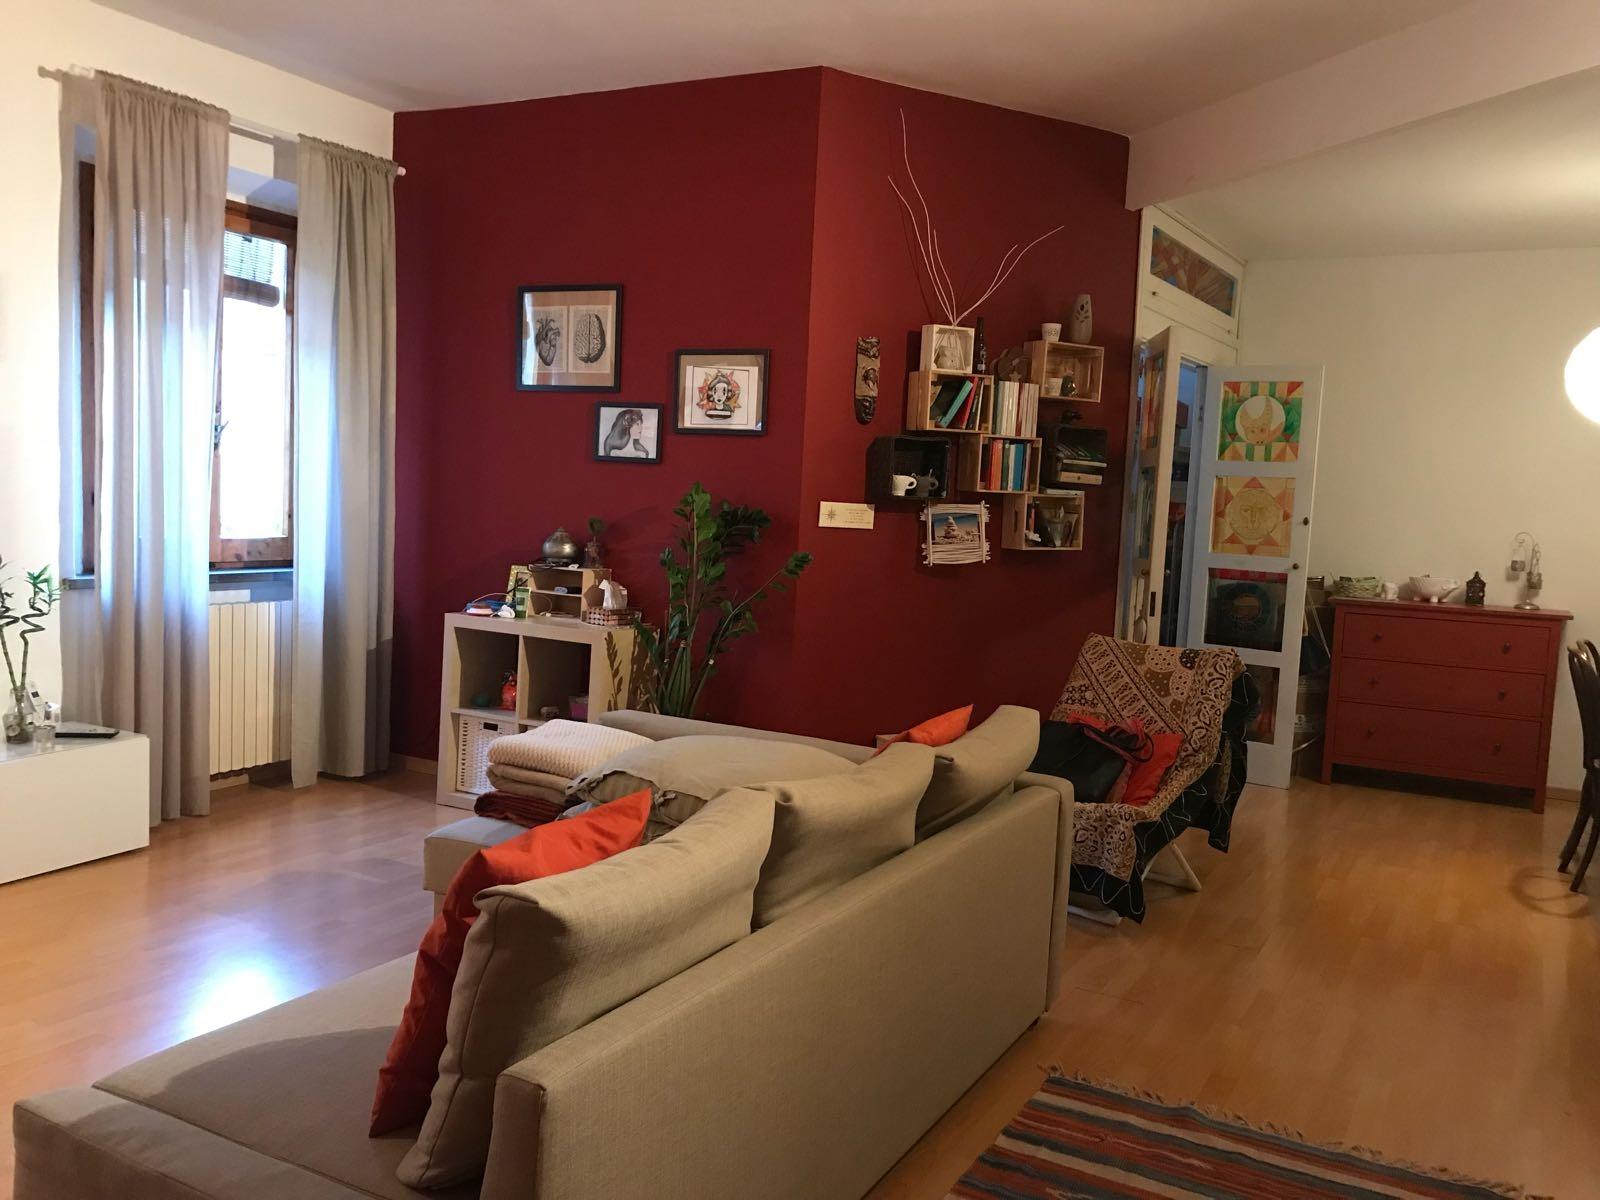 vendita appartamento empoli empoli - centro  150000 euro  2 locali  85 mq